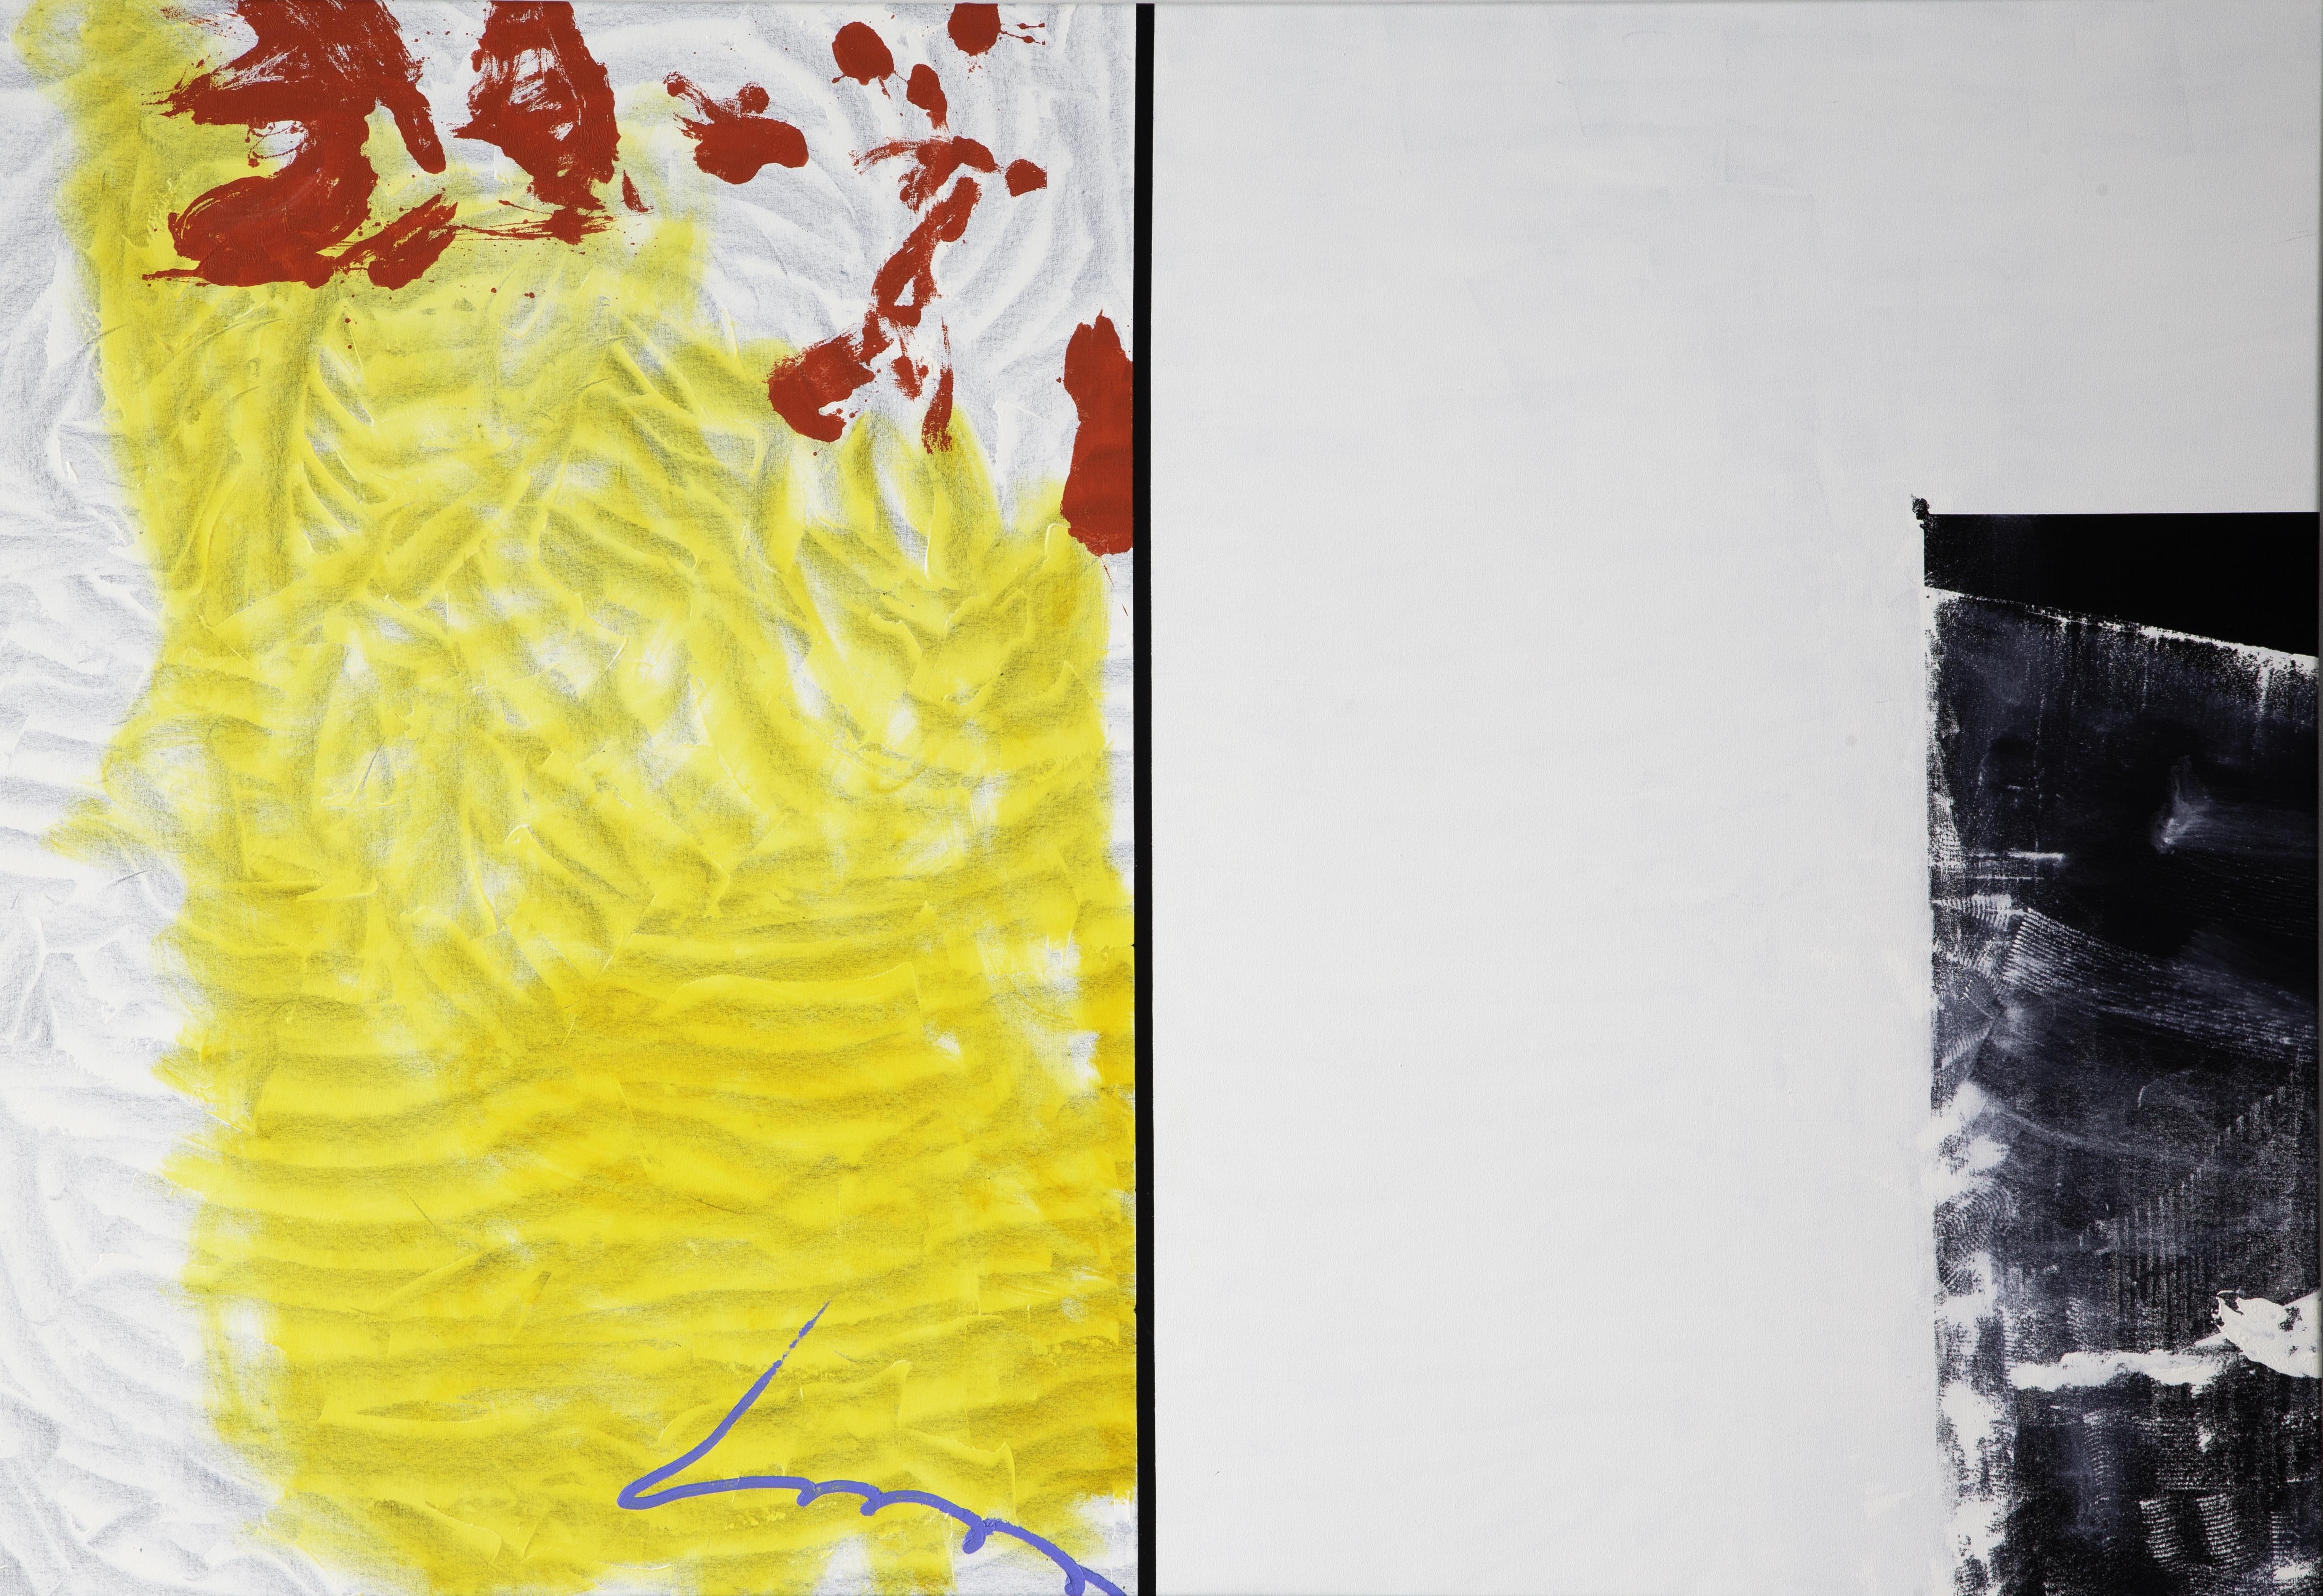 KJ Schumacher, Rinna, oil on canvas, 62 x 90 in, 2020